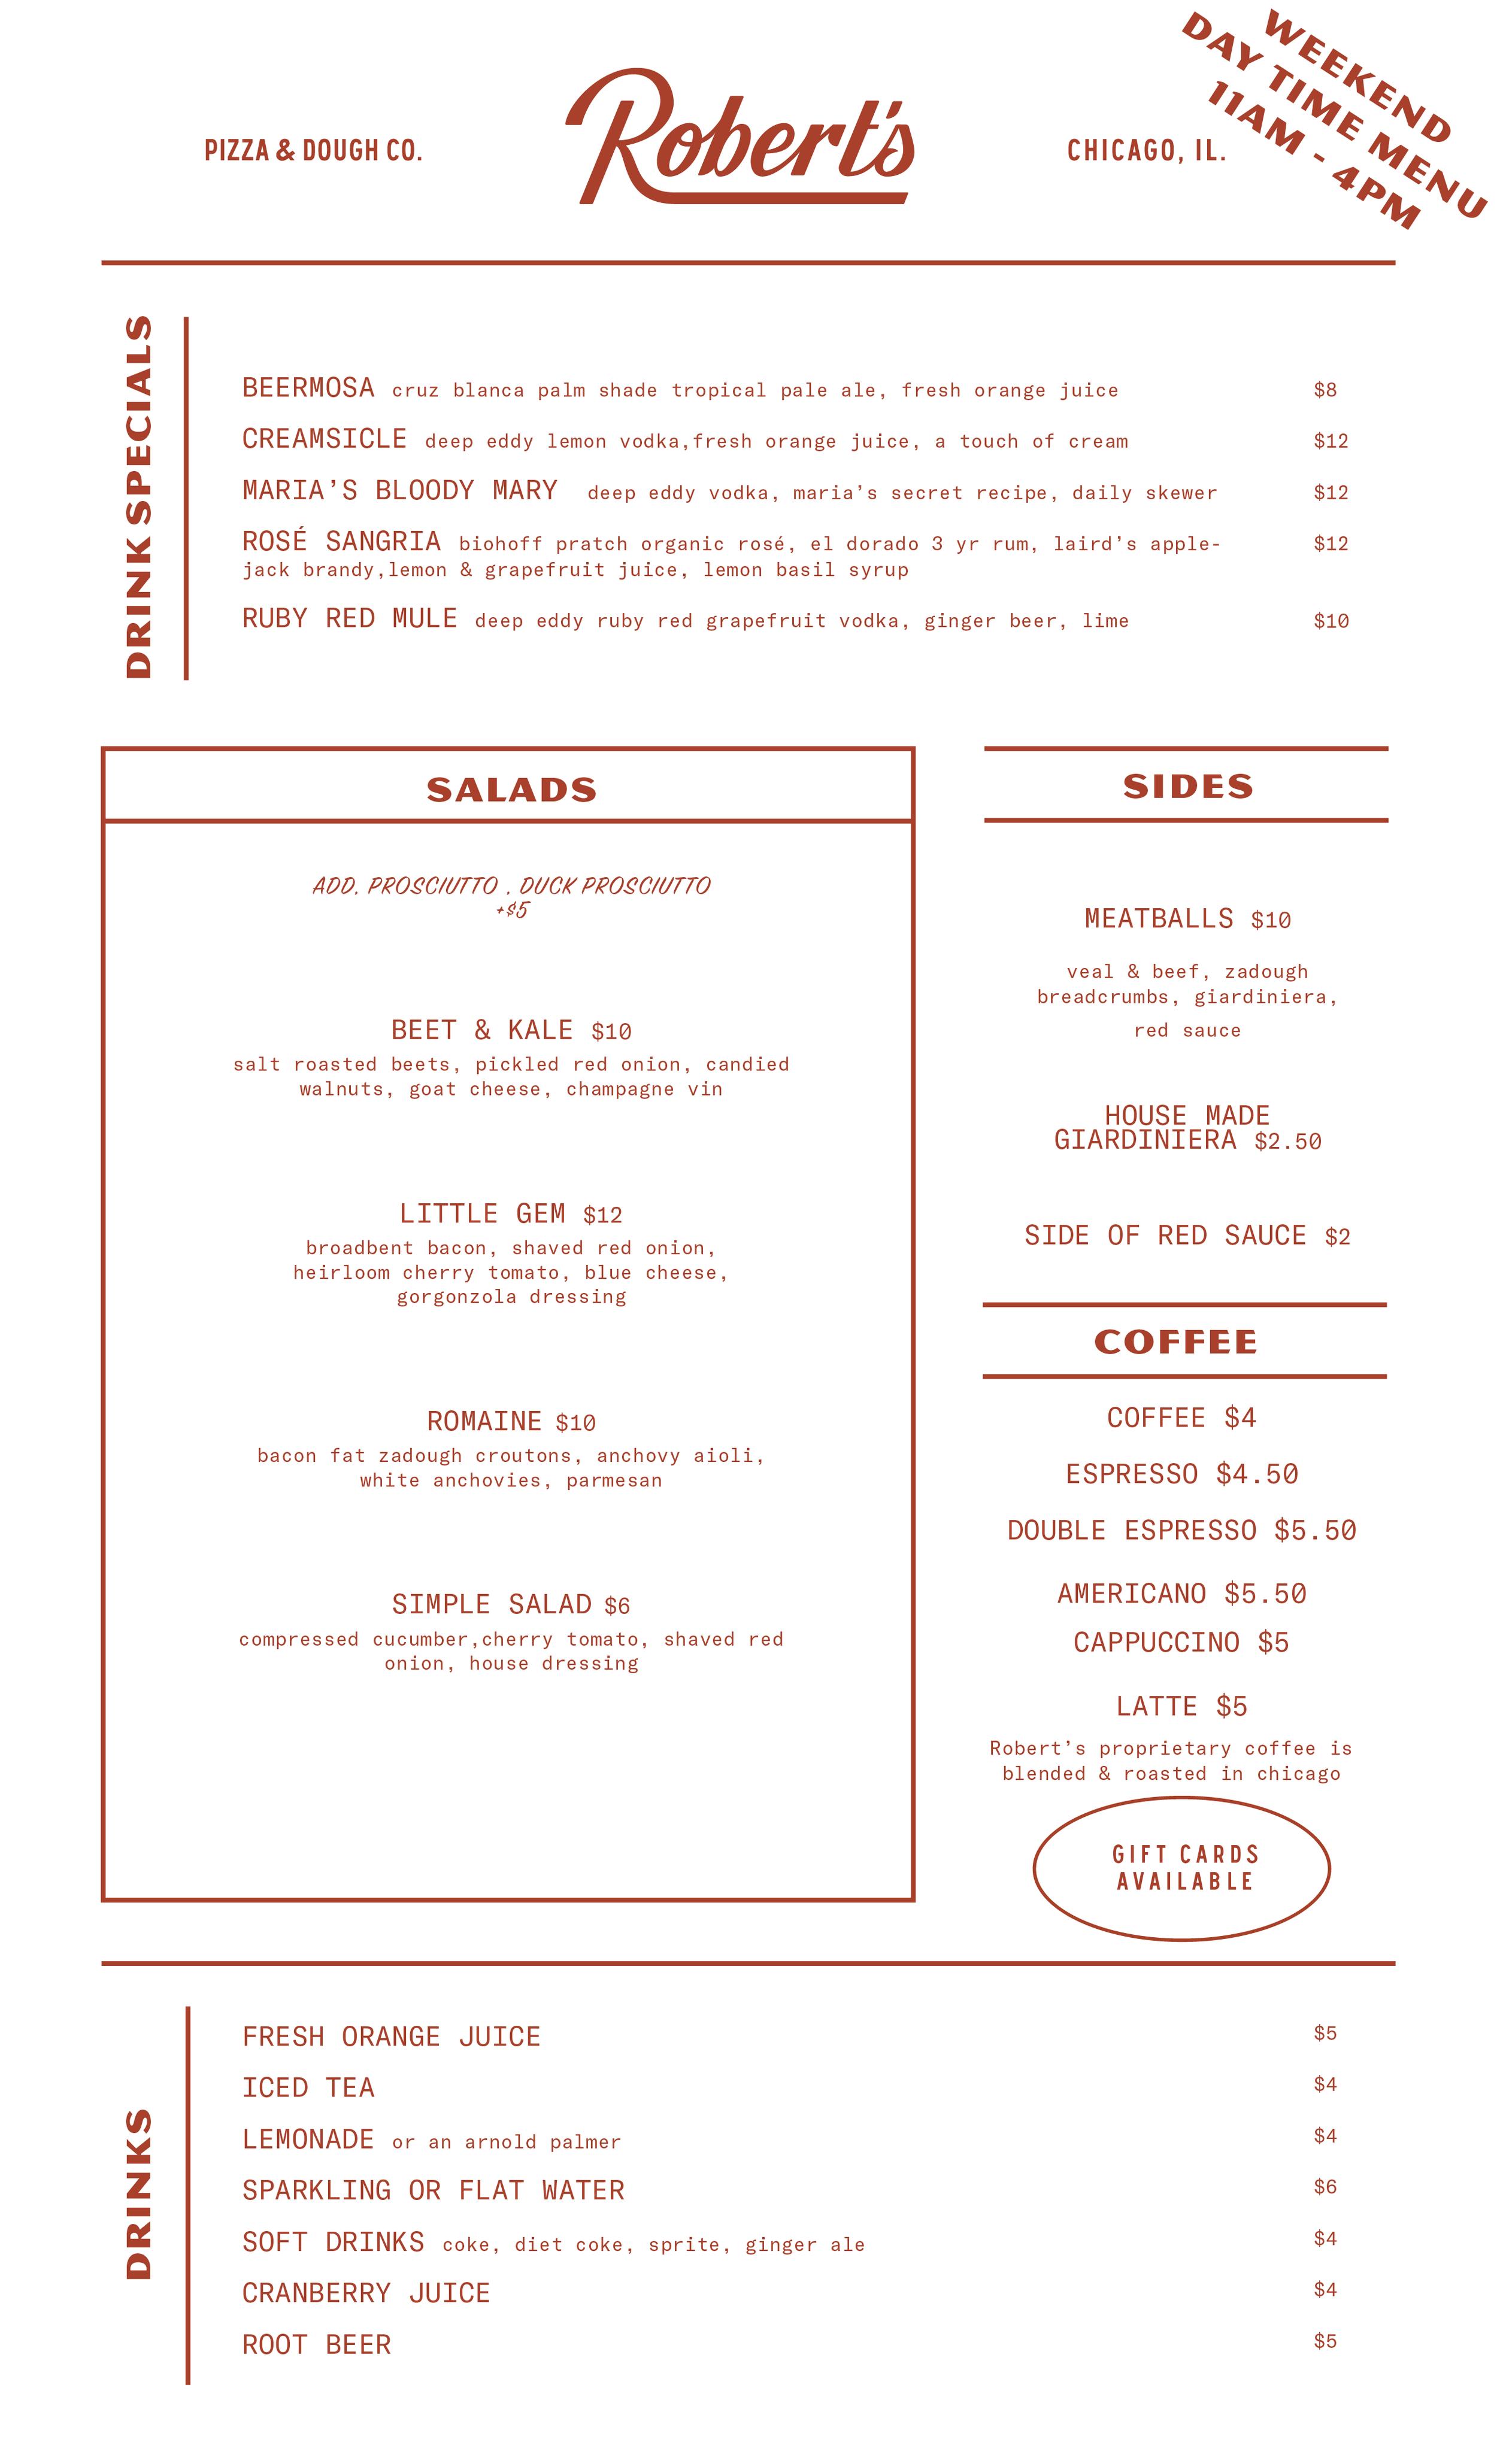 07202019_TEMPORARYDAY_menu-01.png